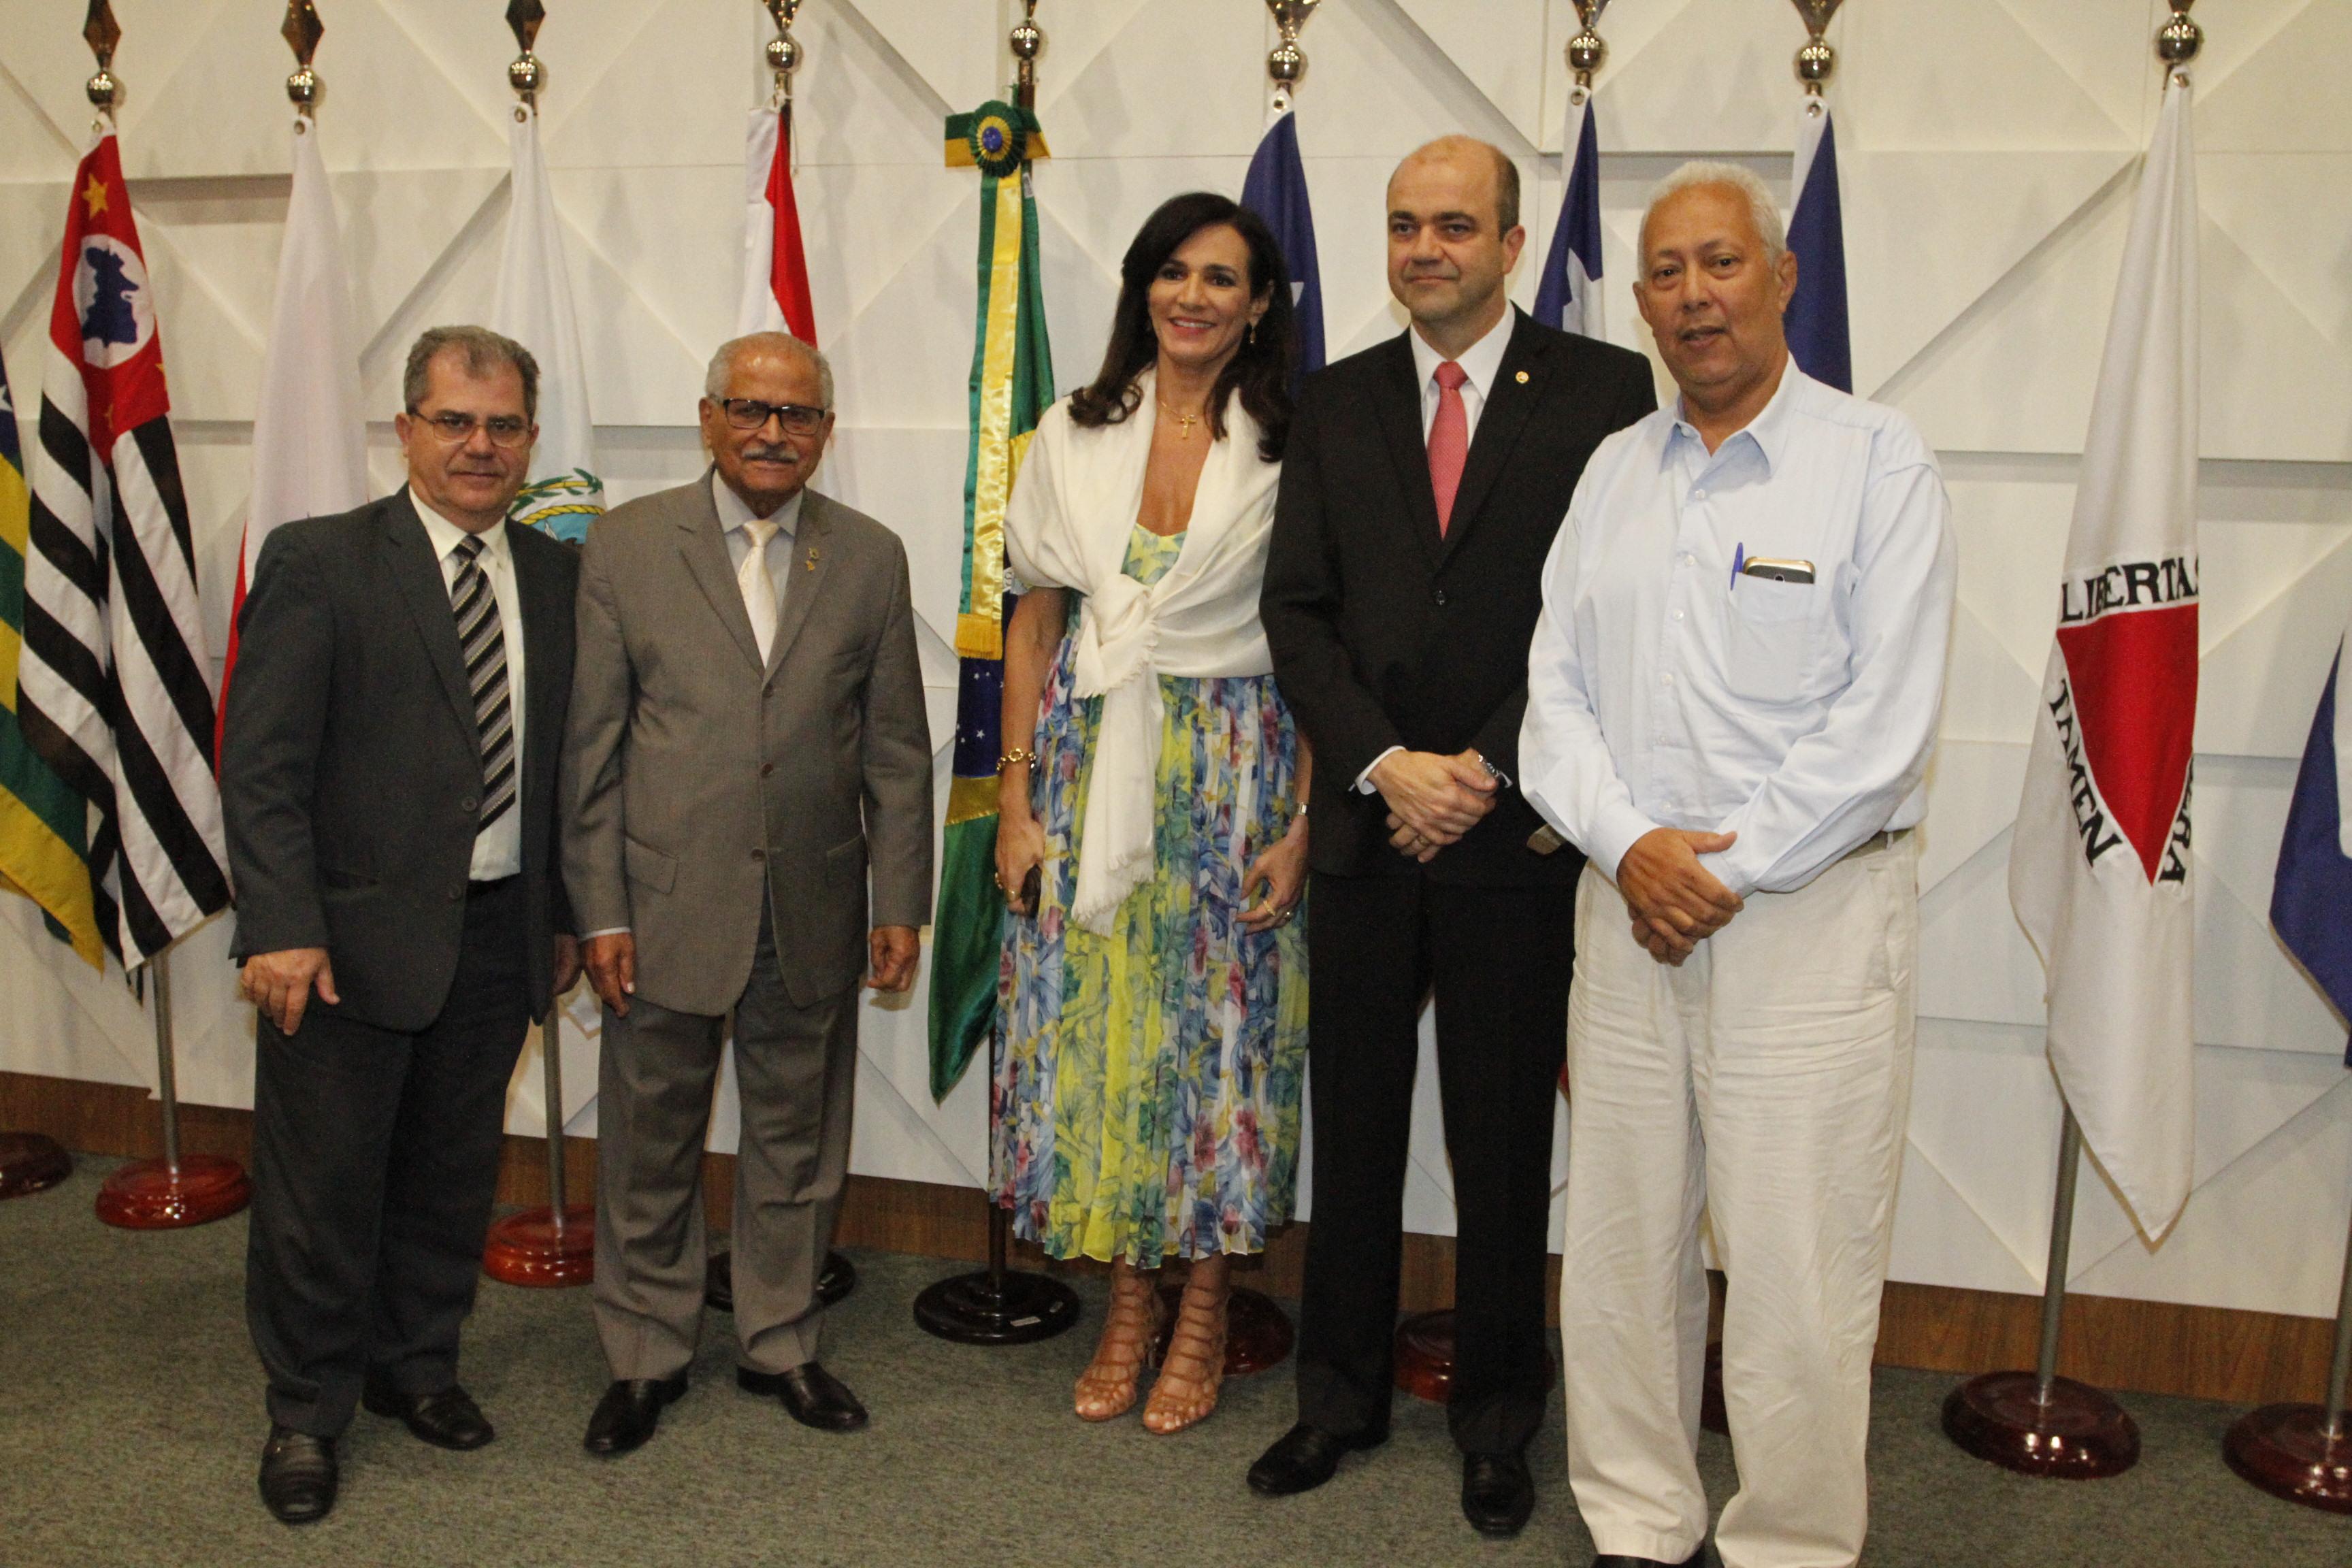 Ronaldo Fleury é reconduzido ao cargo de procurador-geral do Trabalho